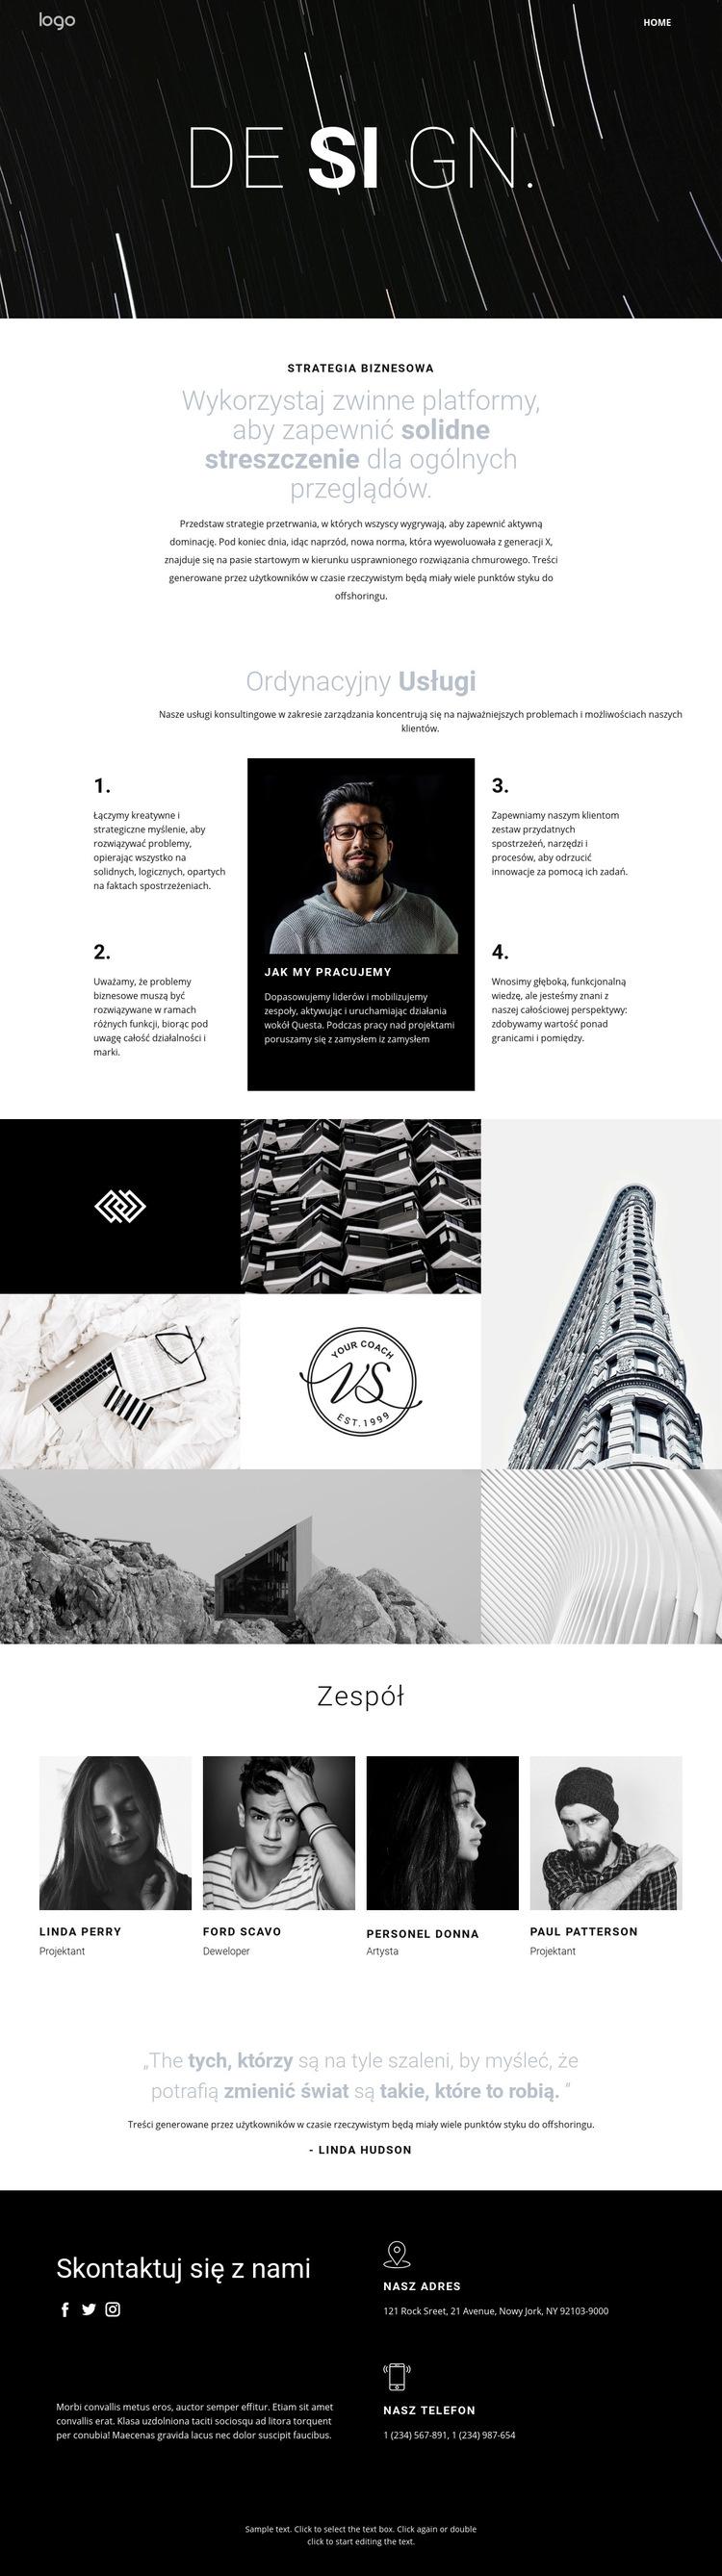 Projekt i sztuka kreatywna Szablon witryny sieci Web